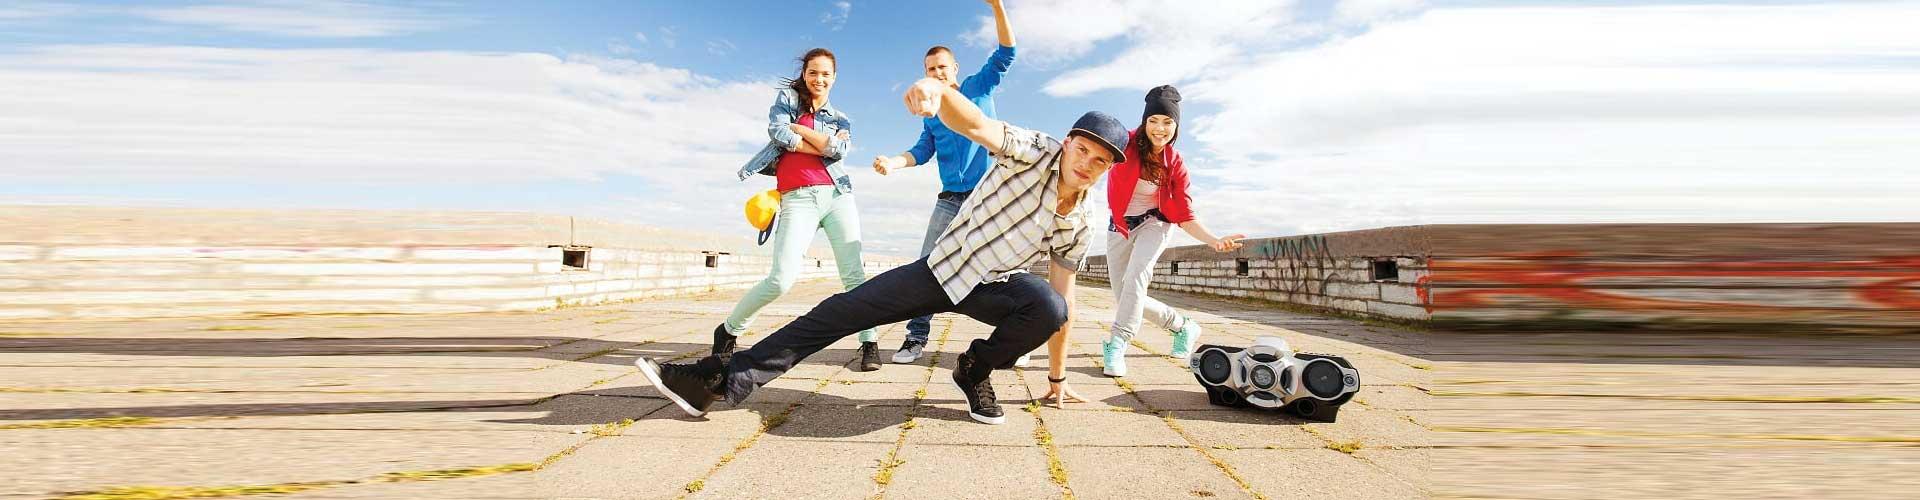 σχολη χορου για σύγχρονο χορό